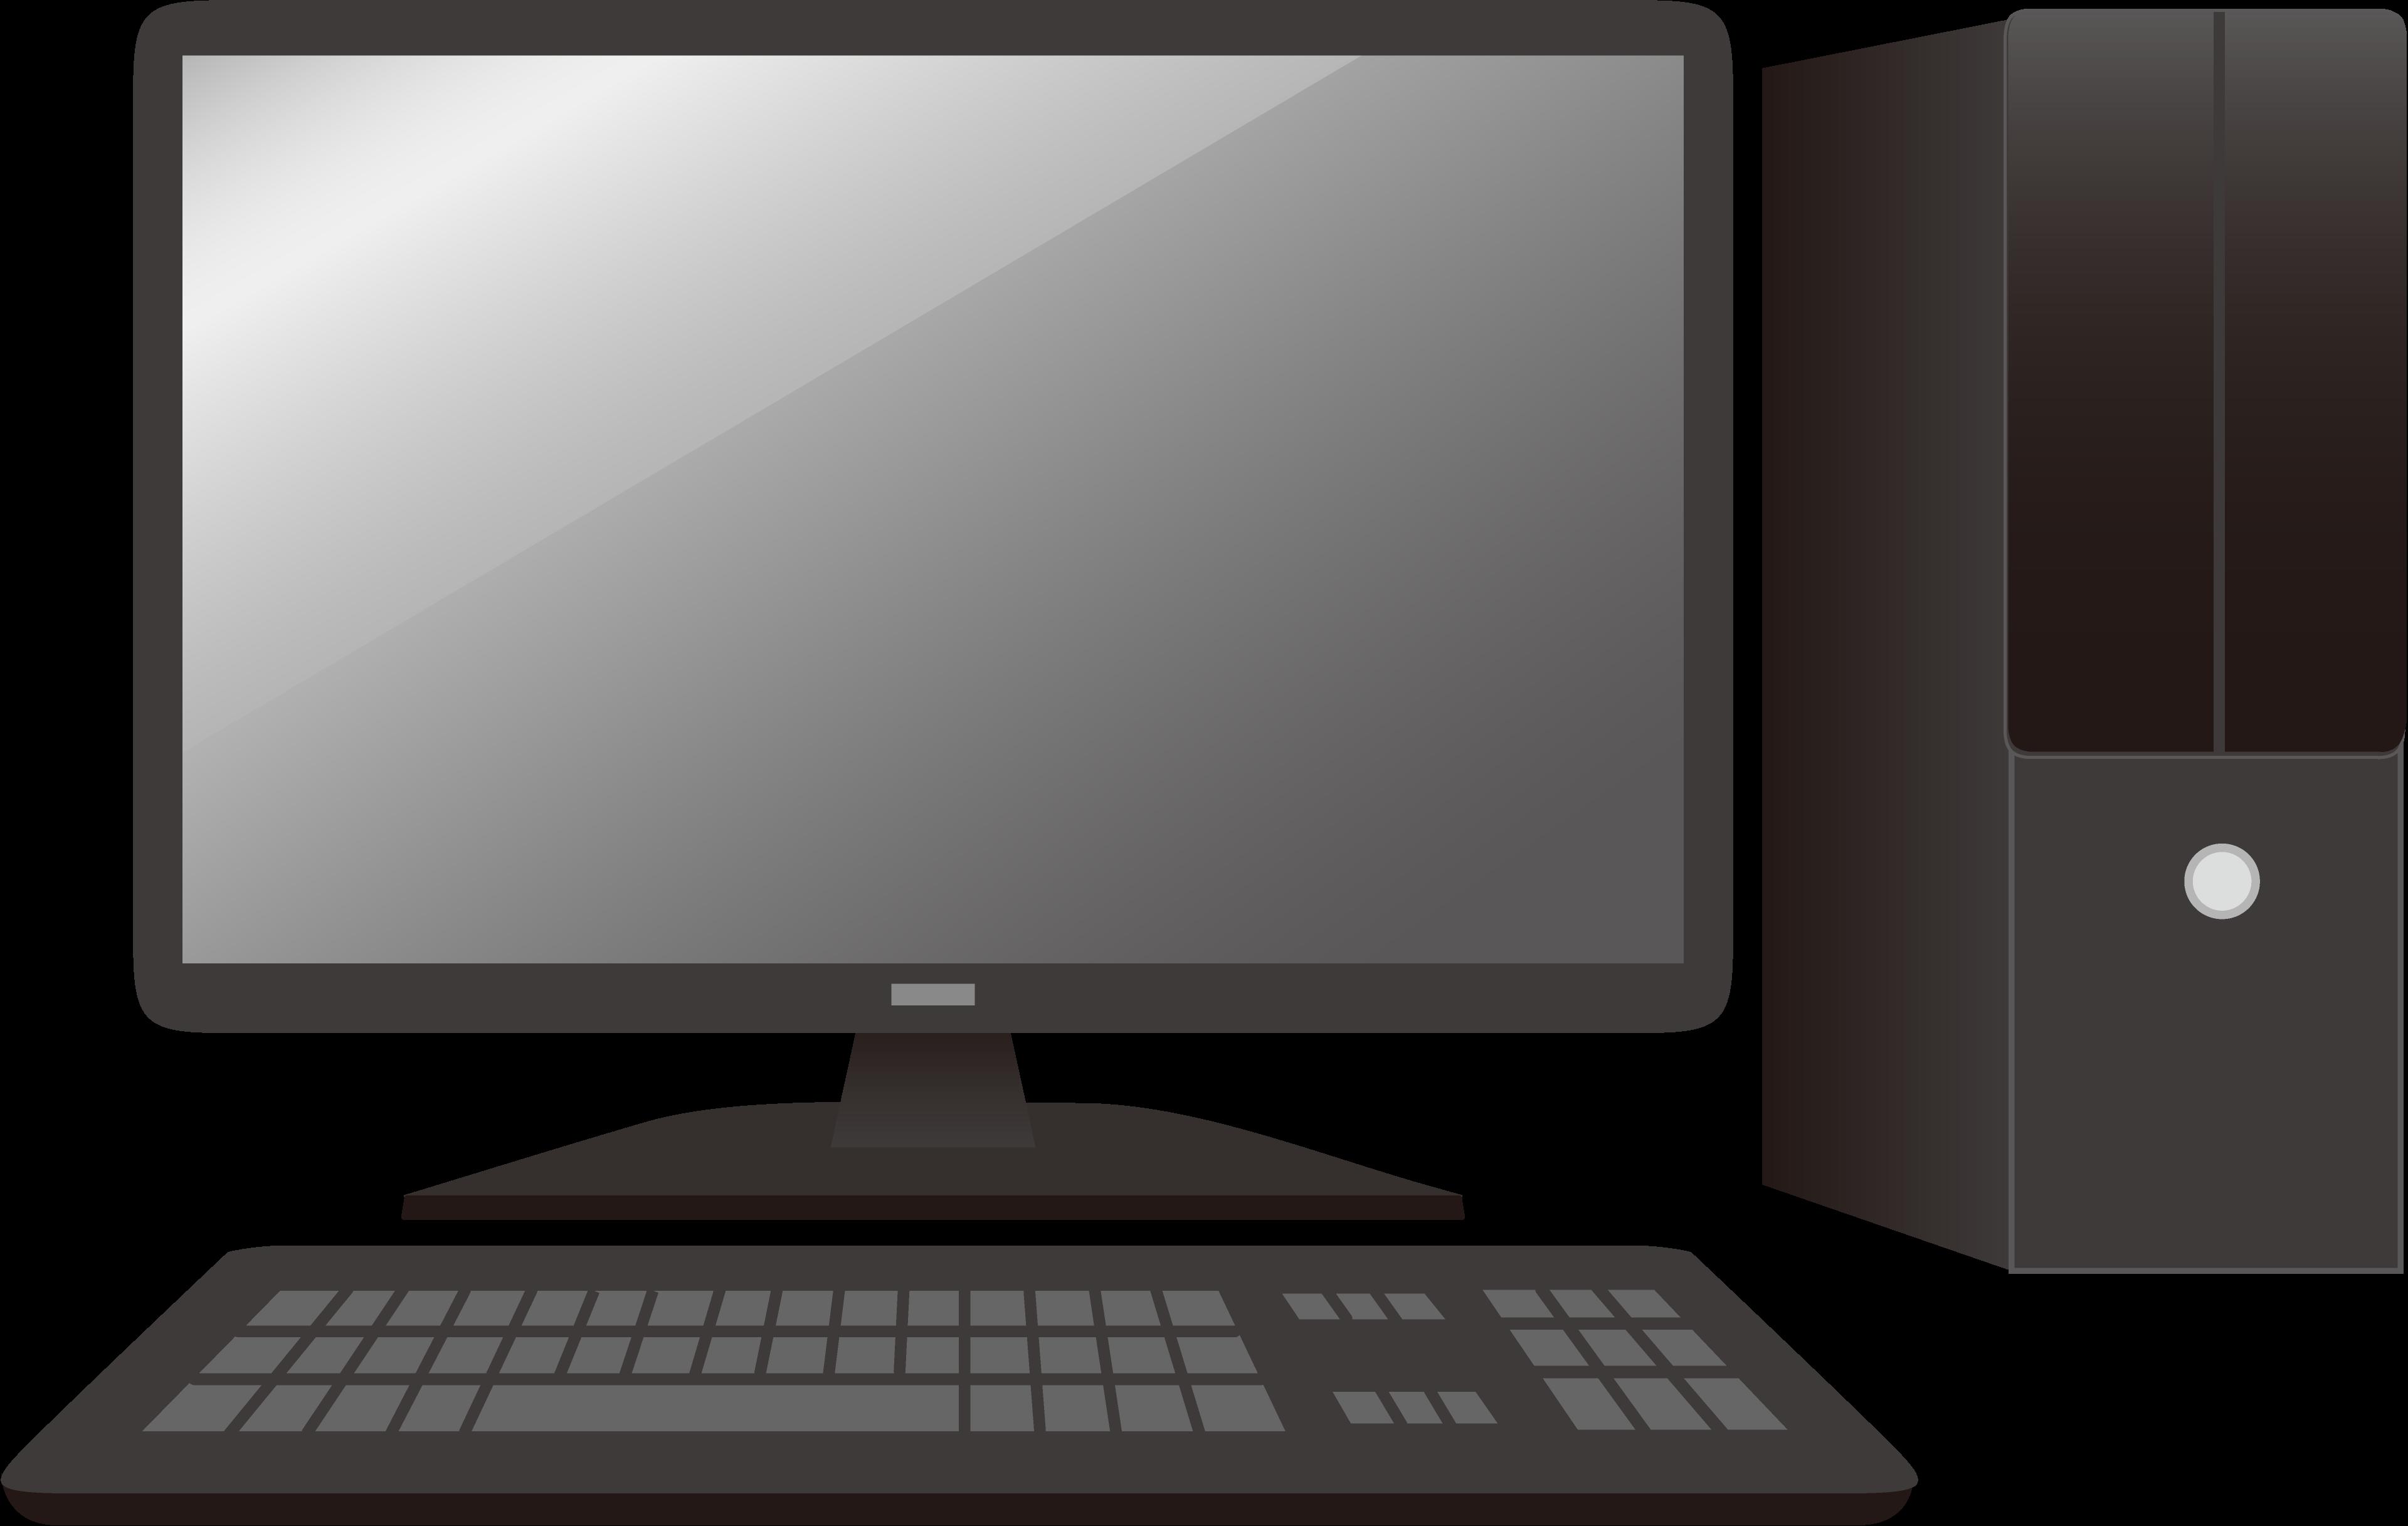 パソコンの画面が暗い